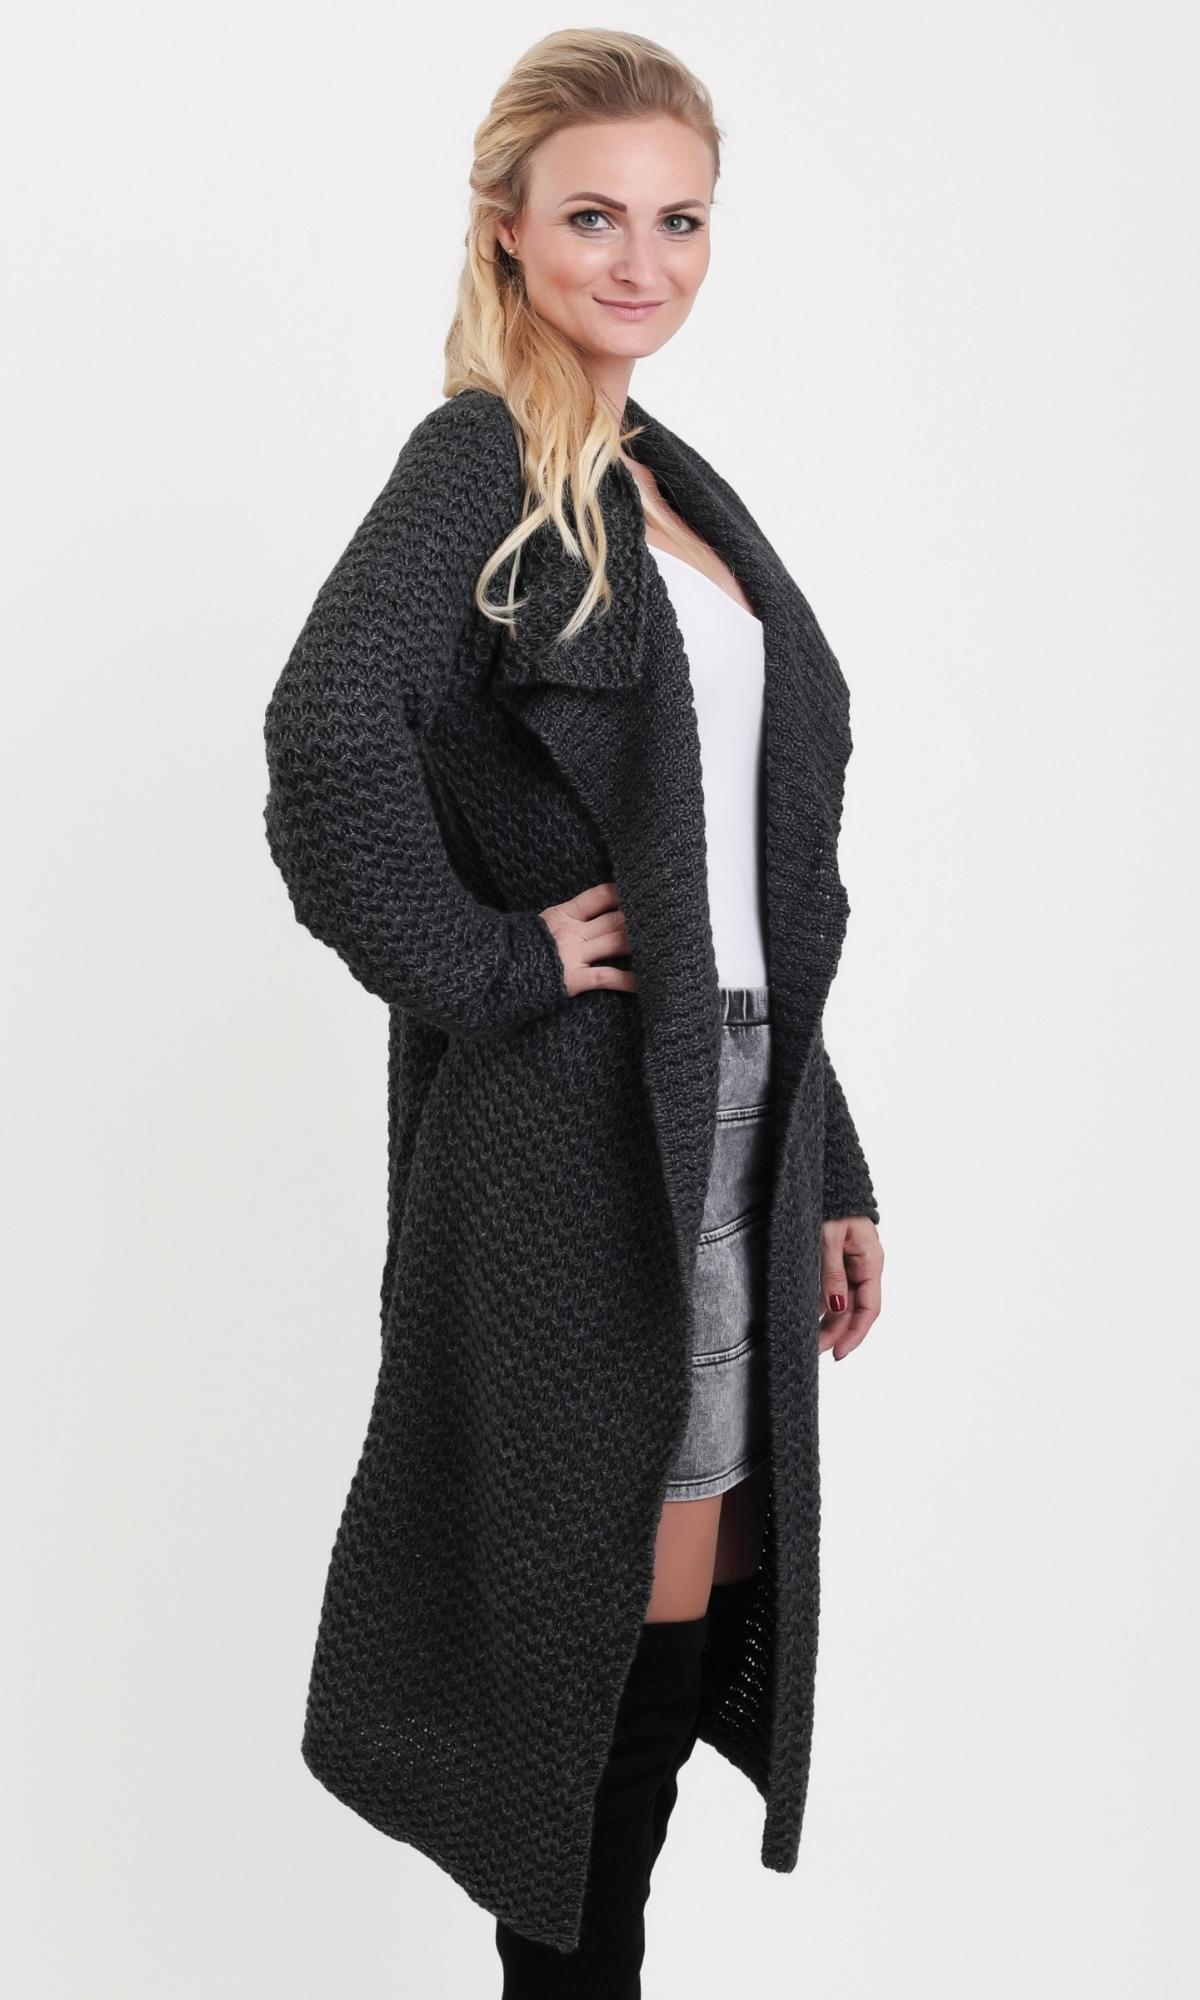 231bfcdc15b7 Dlhý dámsky sveter HAZEL v tmavo-šedej farbe zväčšiť obrázok